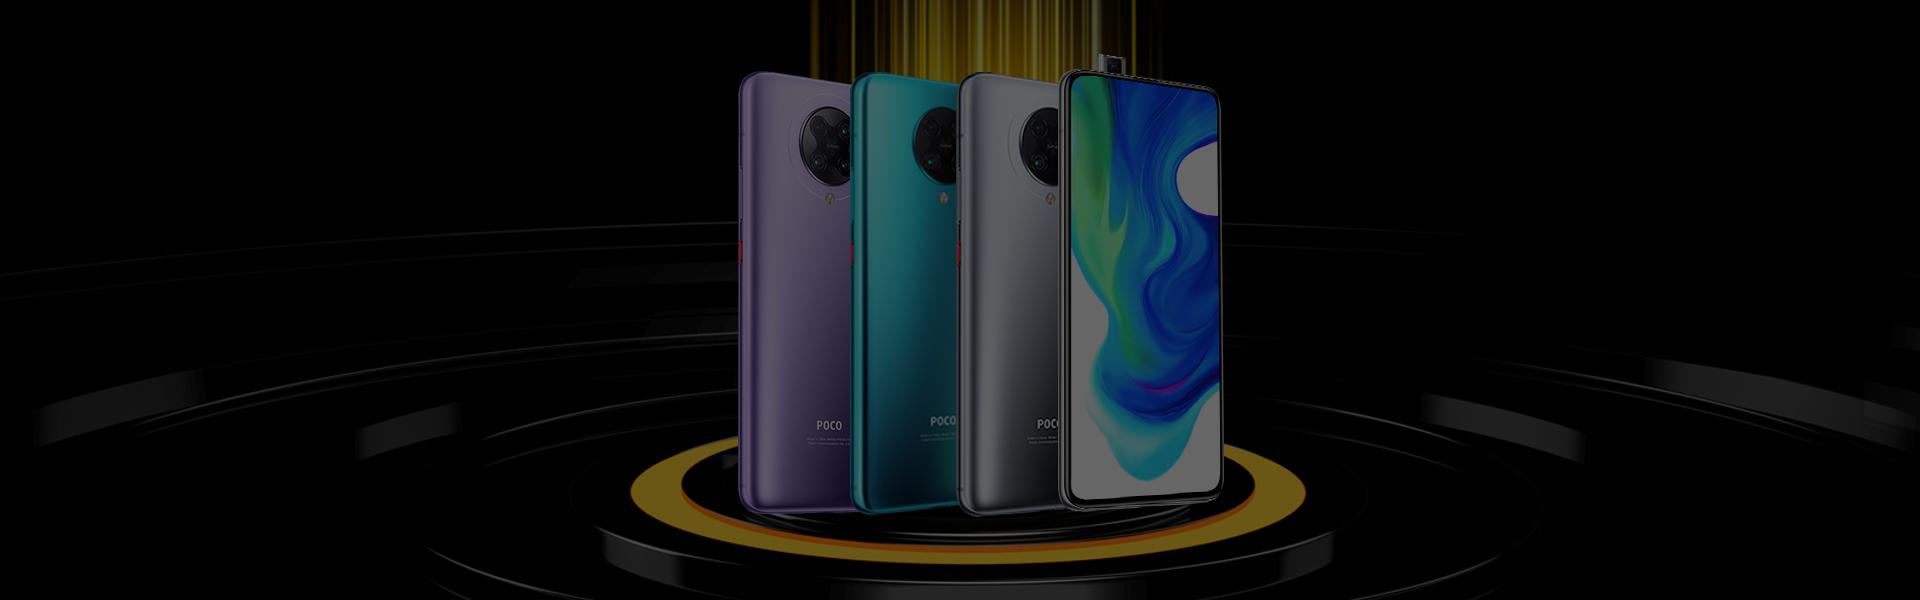 Xiaomi Poco F2 Pro: Preis, Prozessor, Kamera, Farben